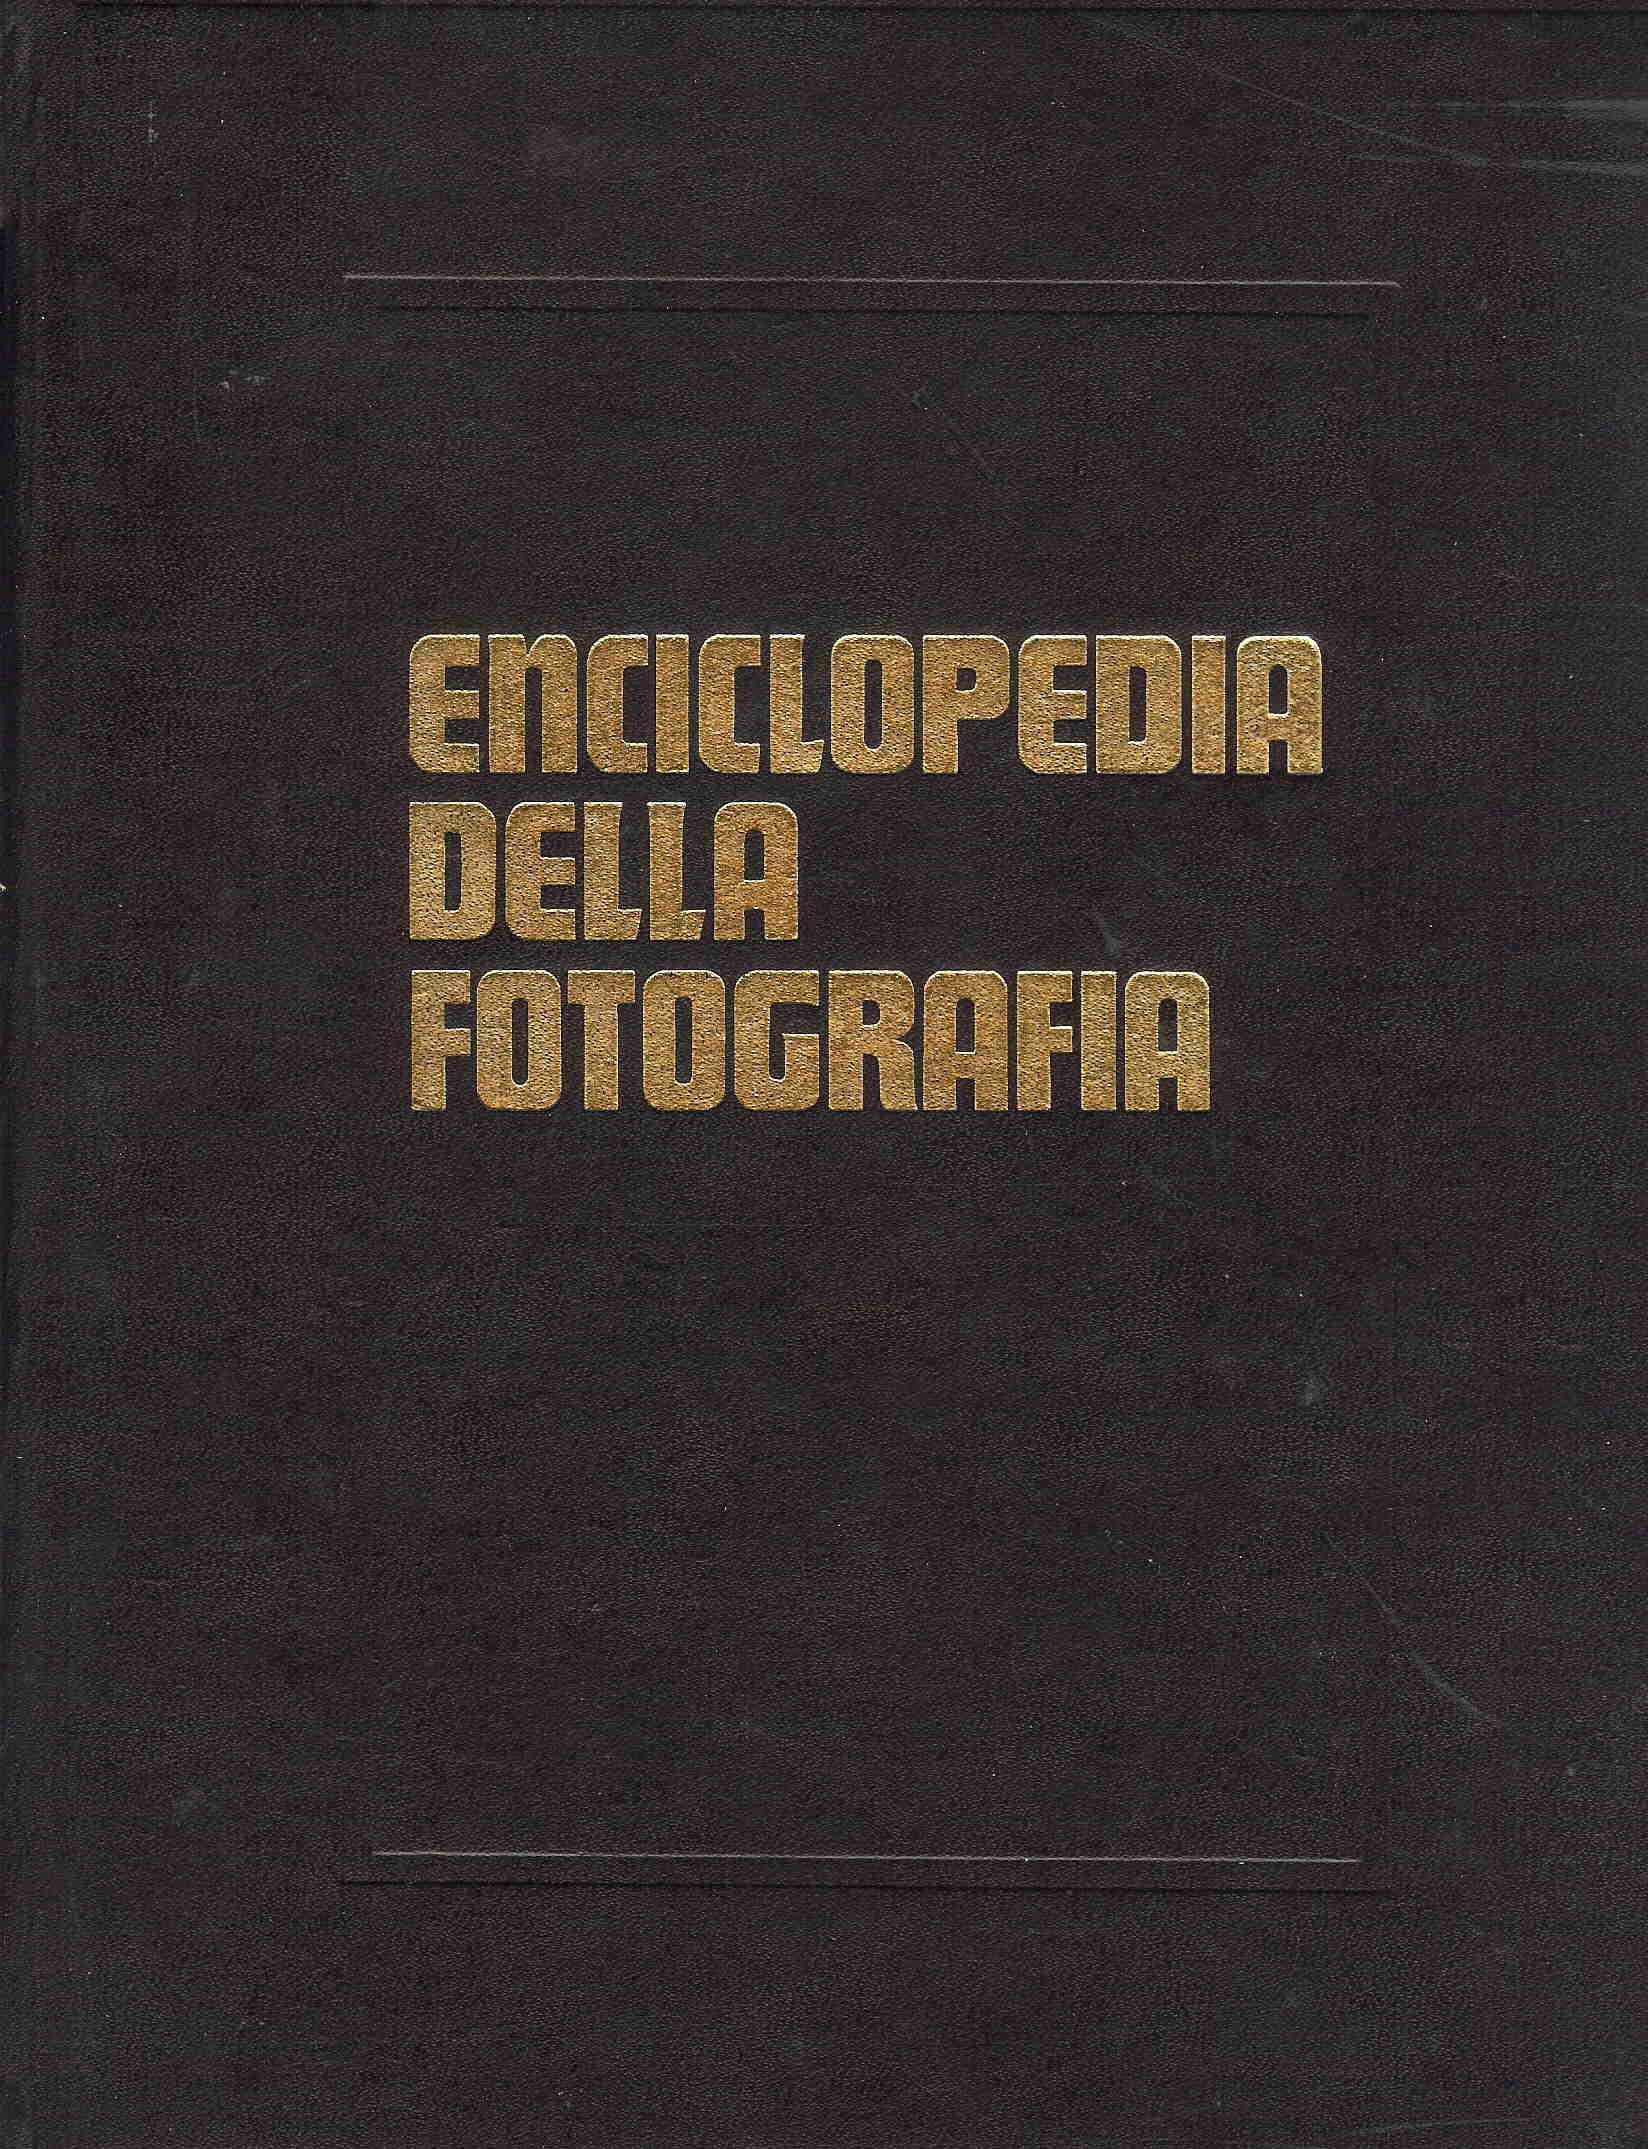 Enciclopedia della fotografia - Vol. 2